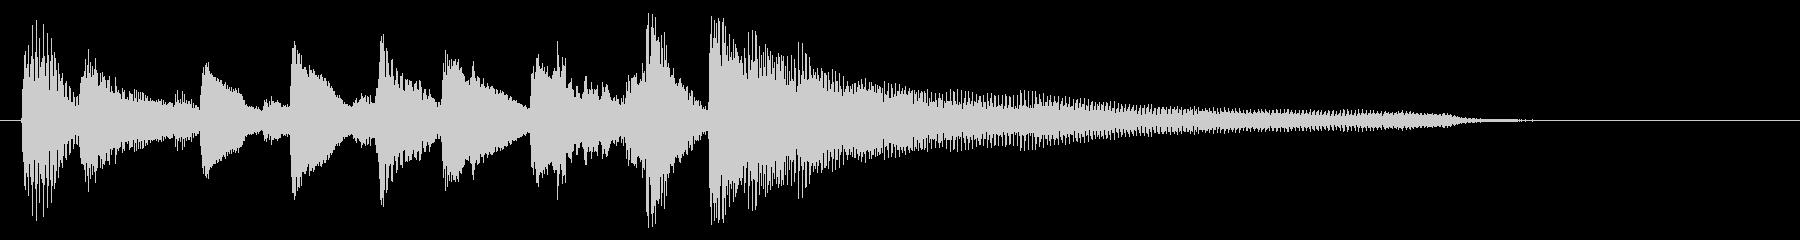 【ピアノのみ】陽気オシャレ!ジャズロゴ!の未再生の波形